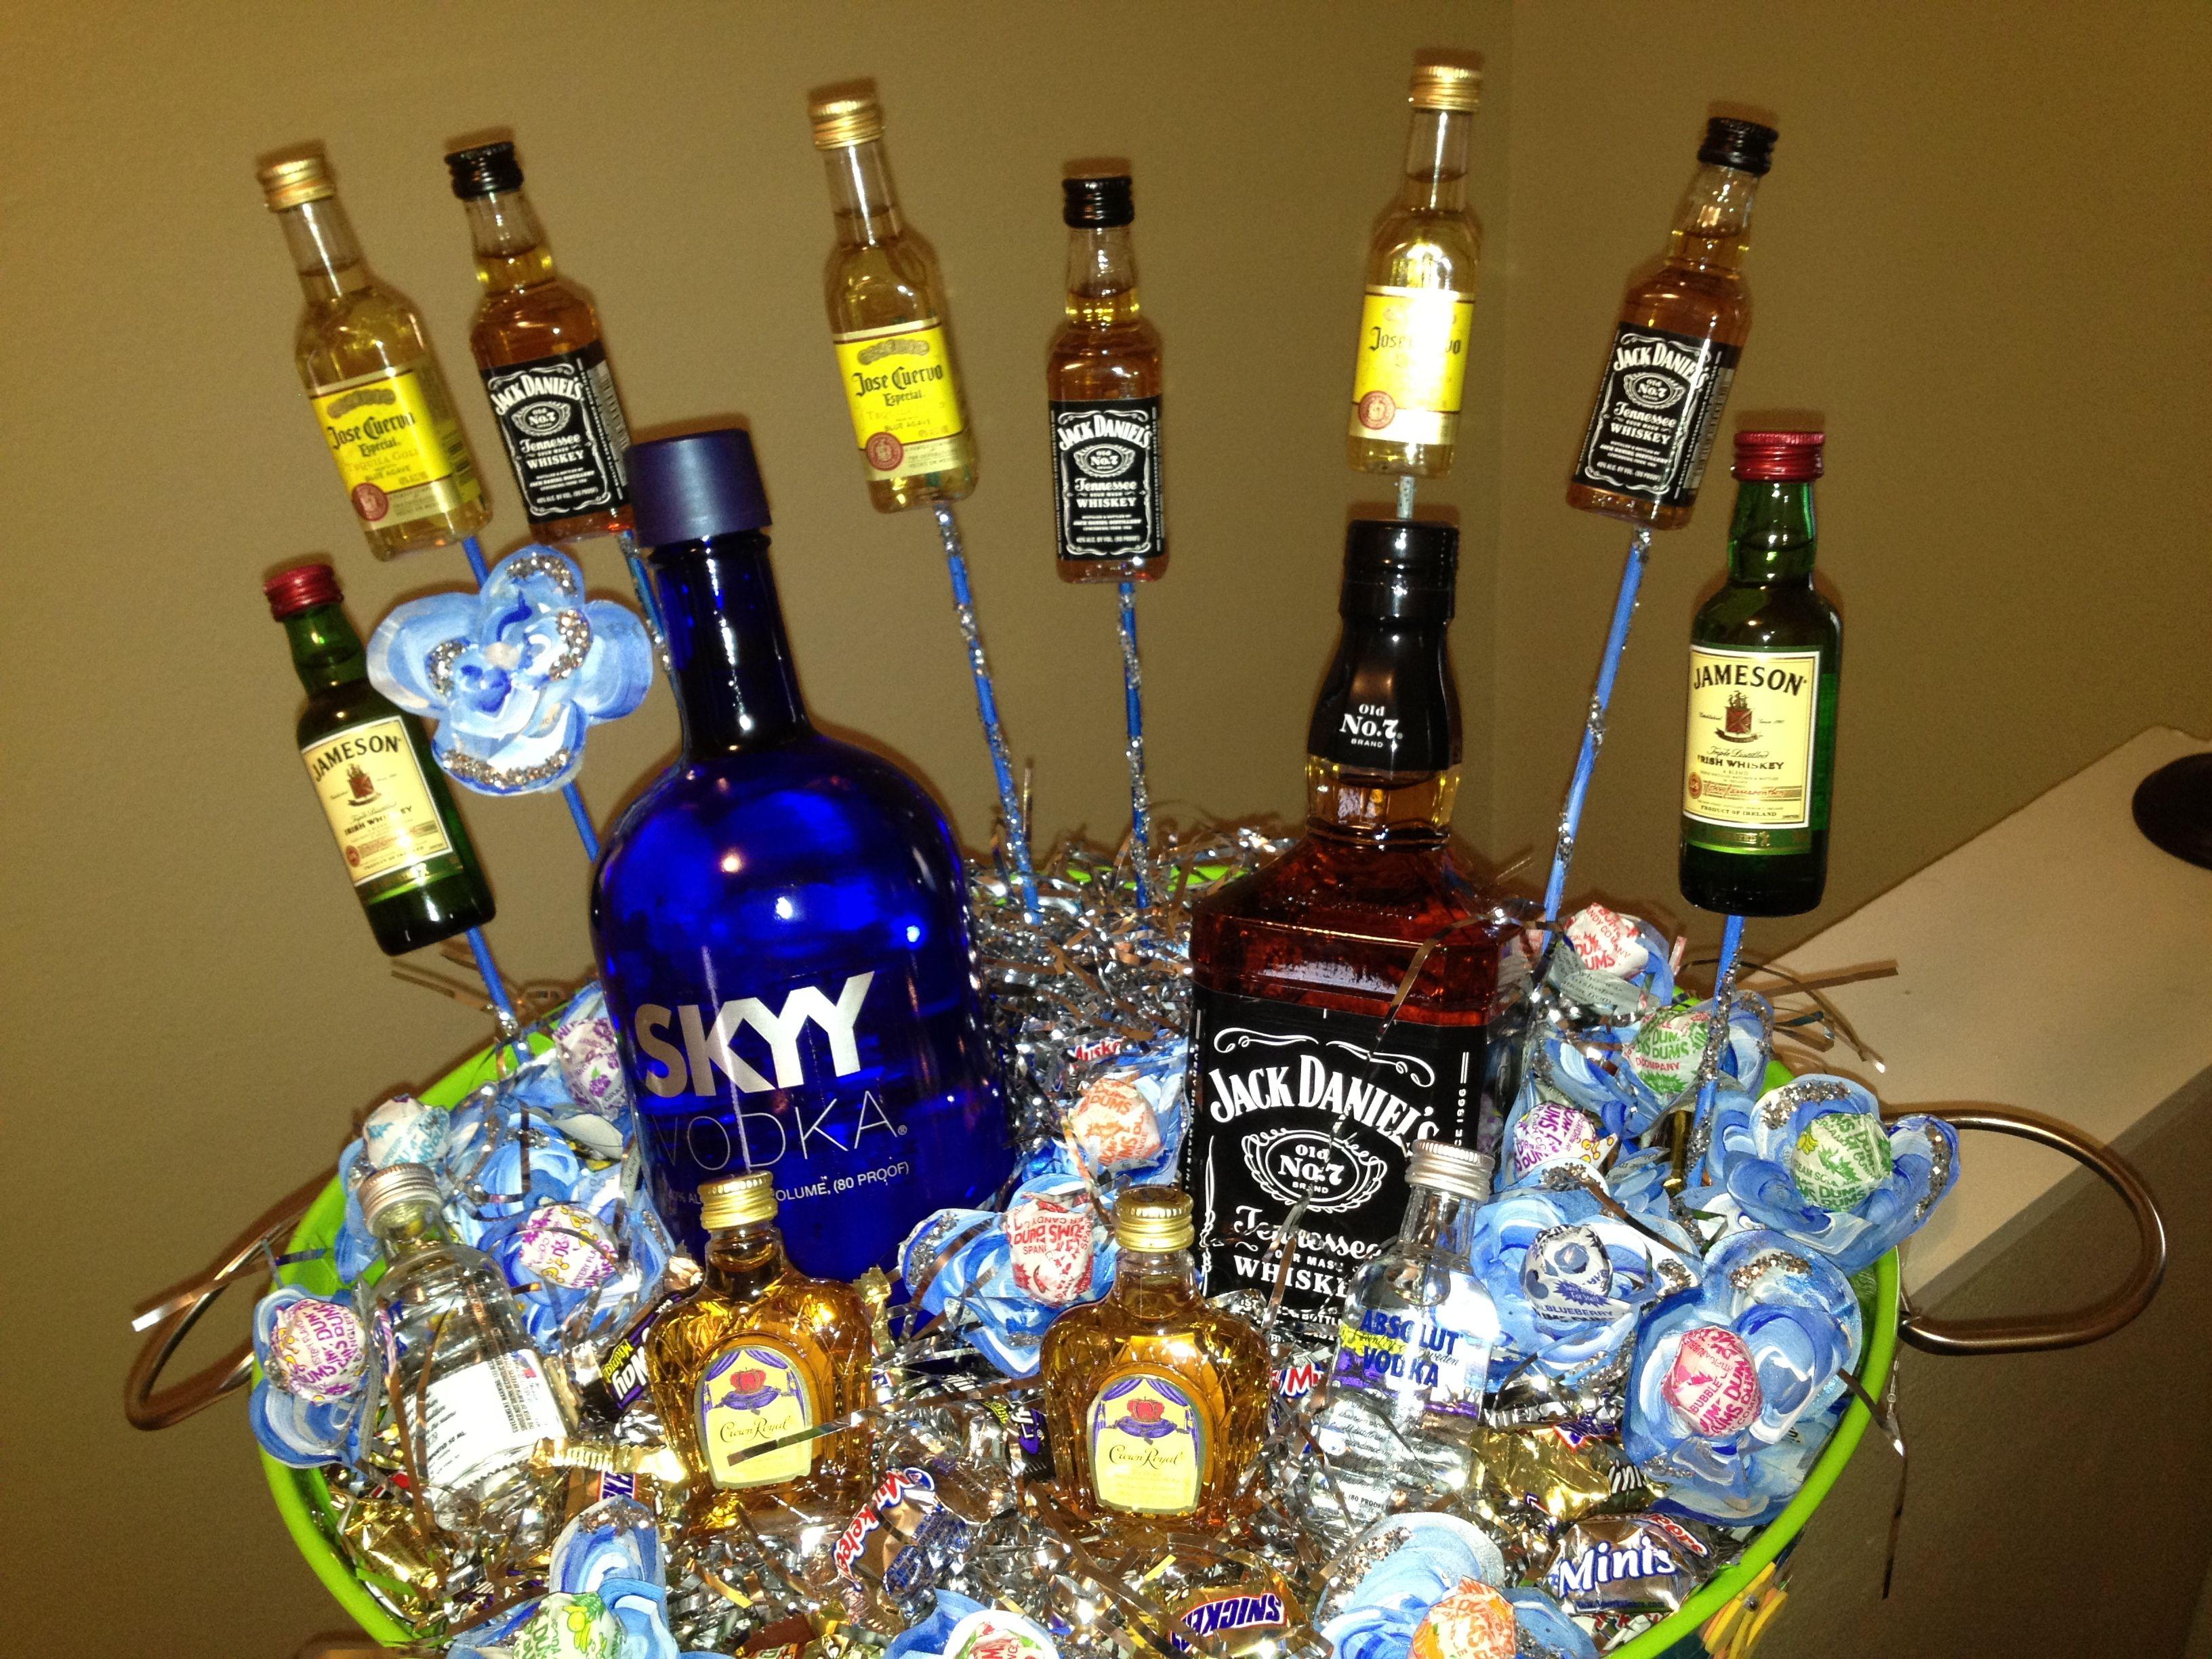 21st birthday liquor basket liquor gifts liquor gift